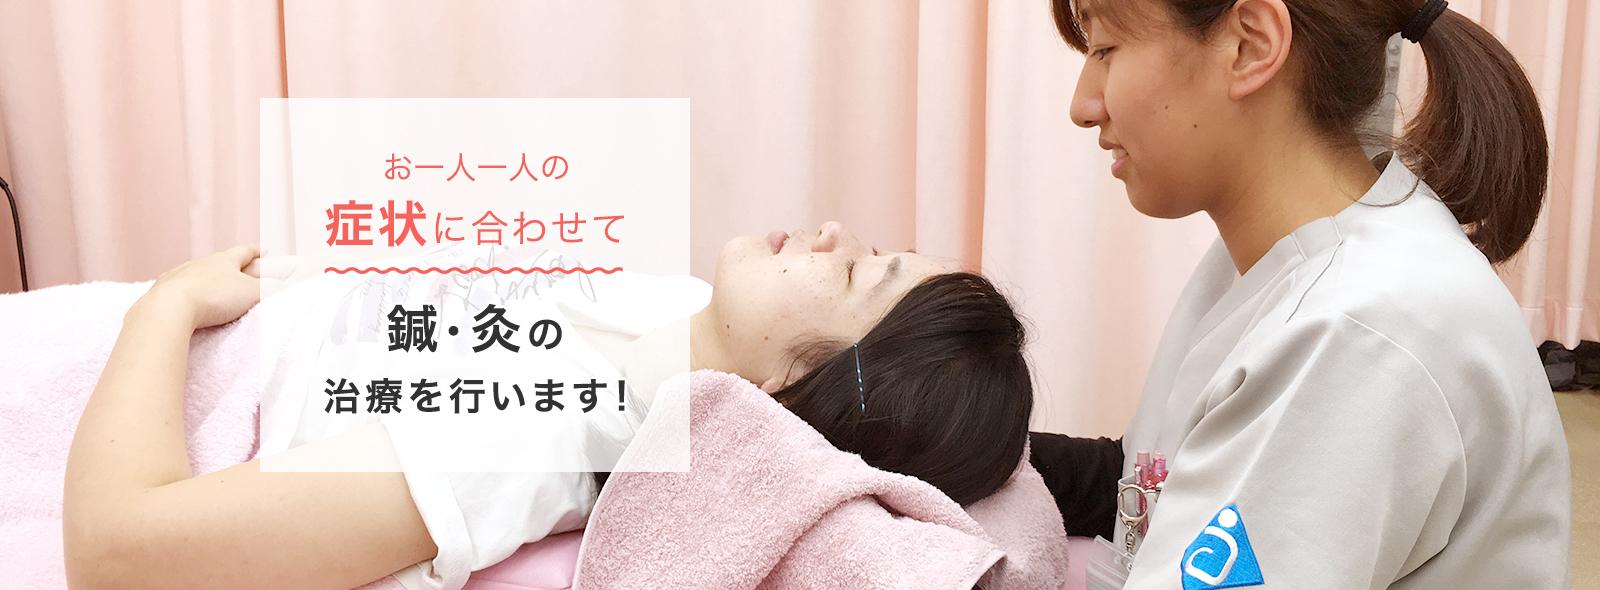 お一人一人の症状に合わせて鍼・灸の治療を行います!